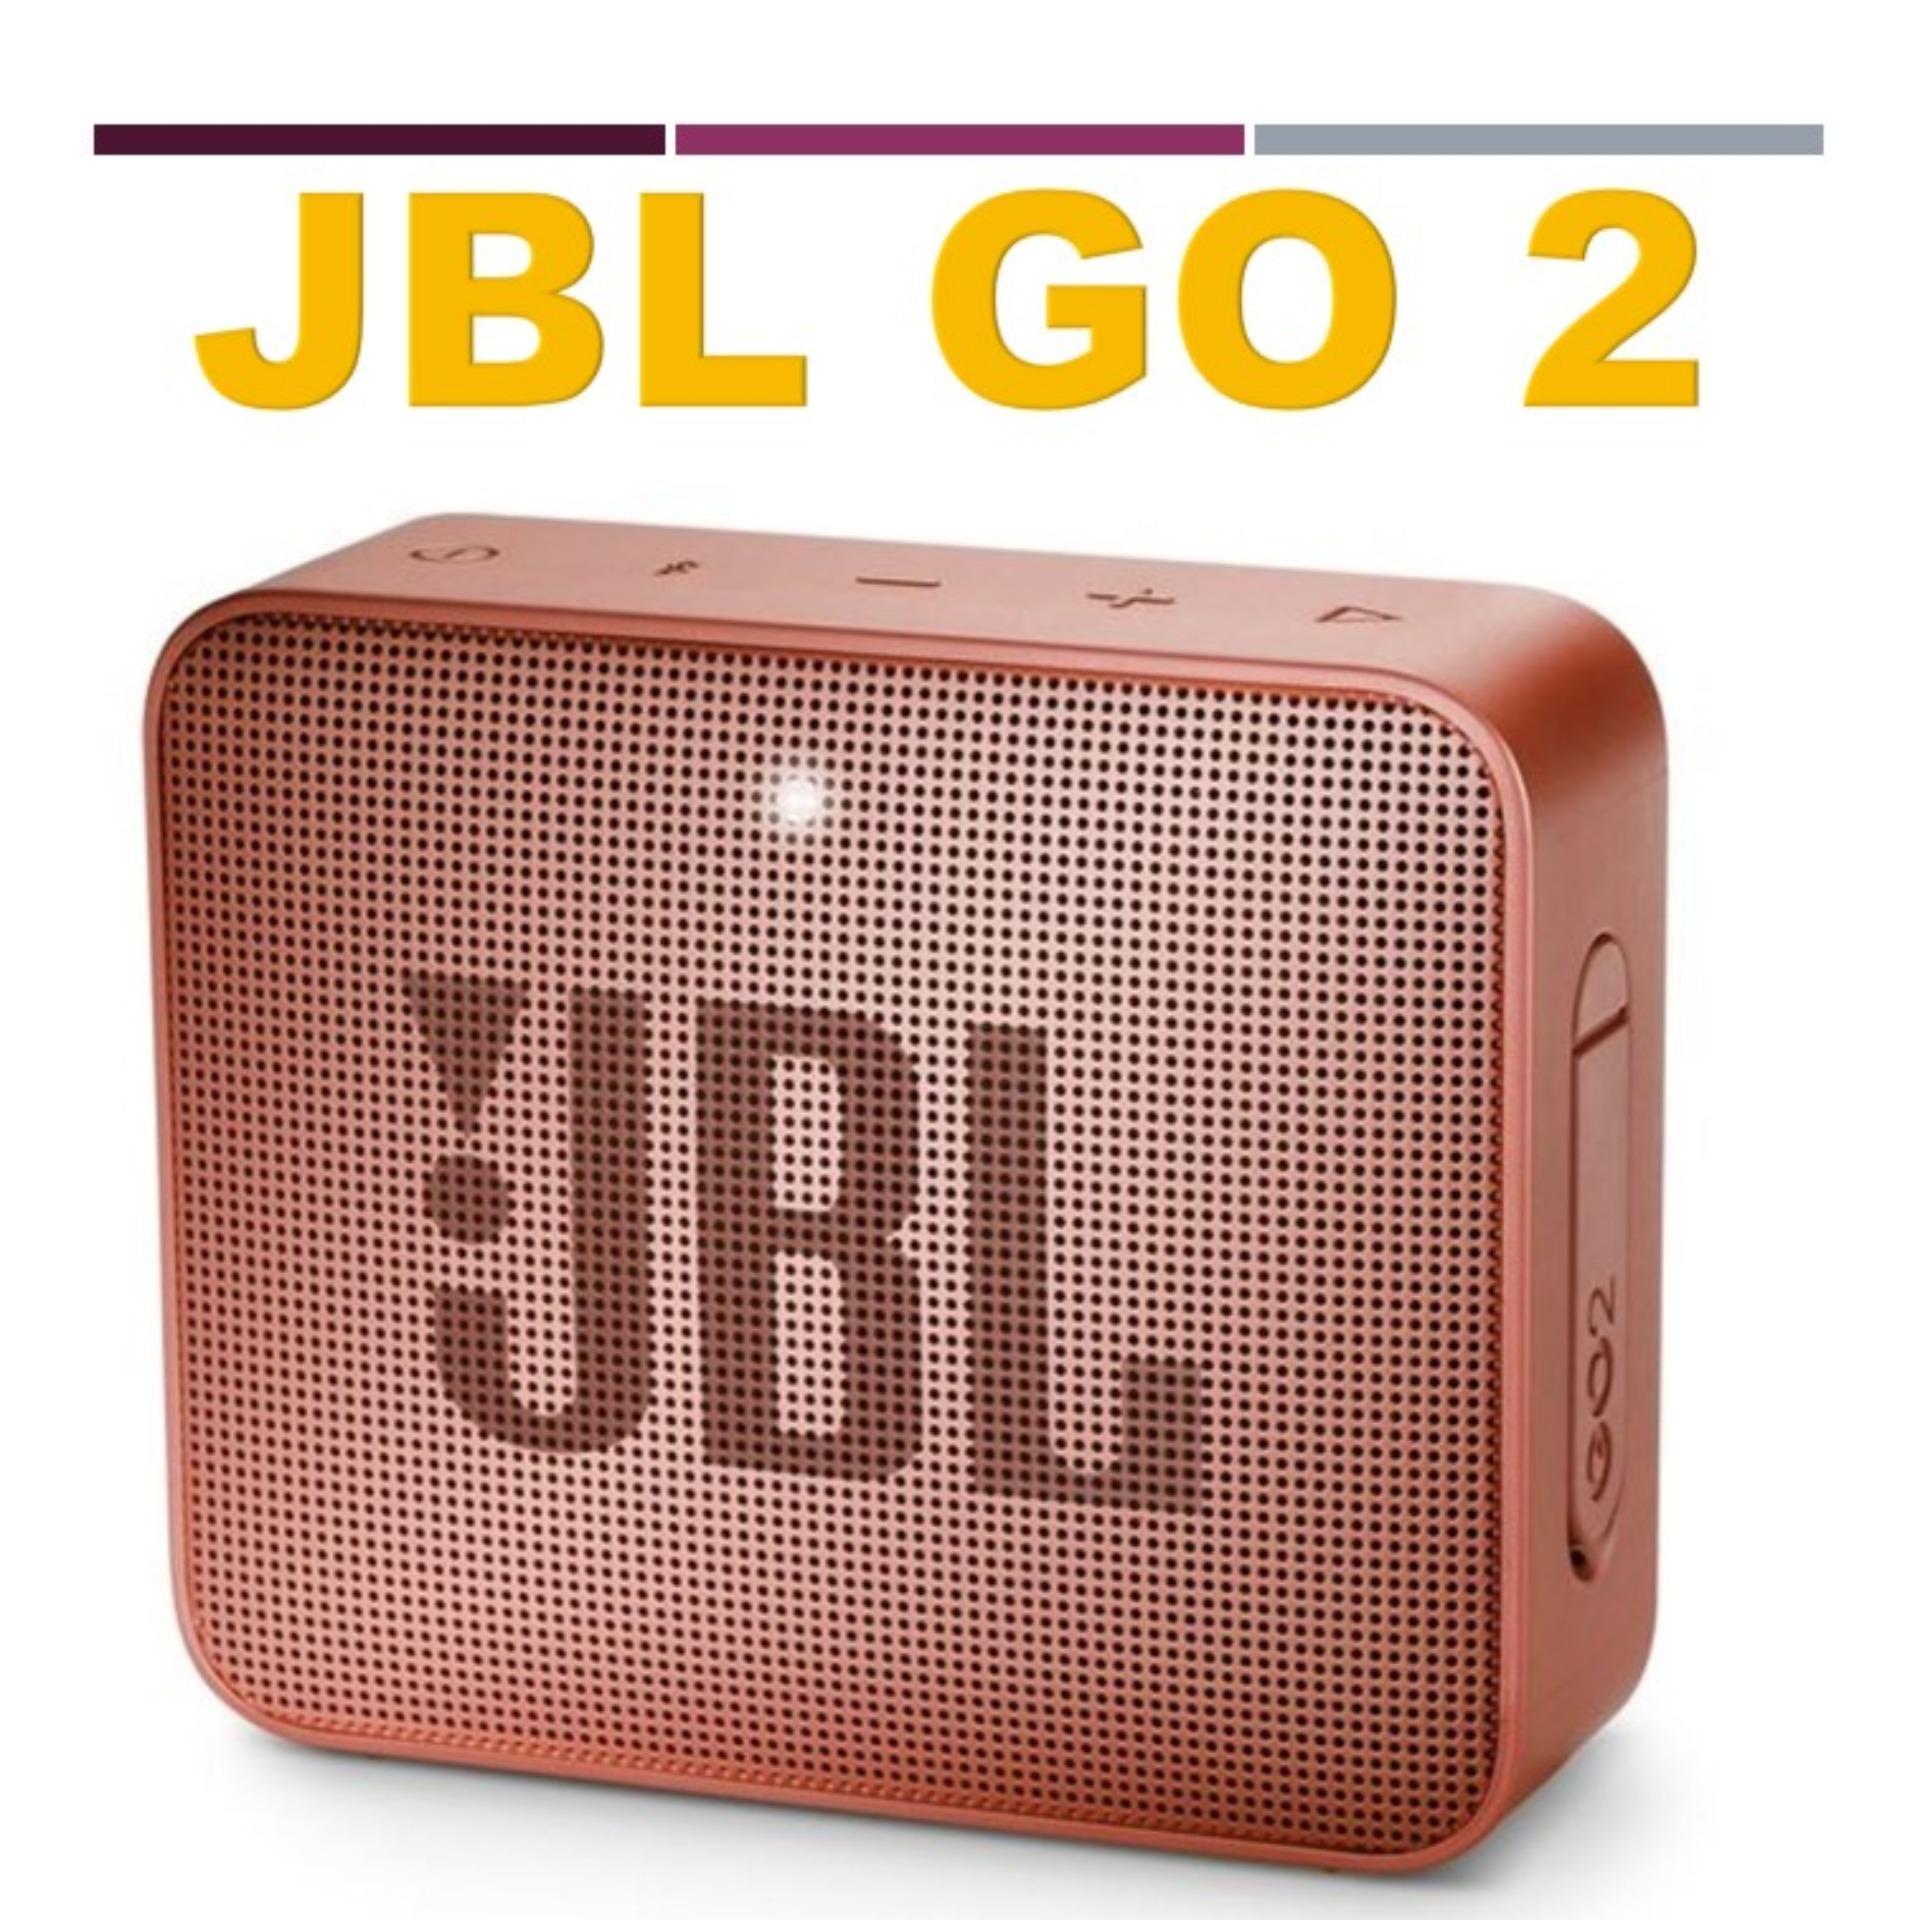 Klipsch,SONY,JBL,JVC - Buy Klipsch,SONY,JBL,JVC at Best Price in